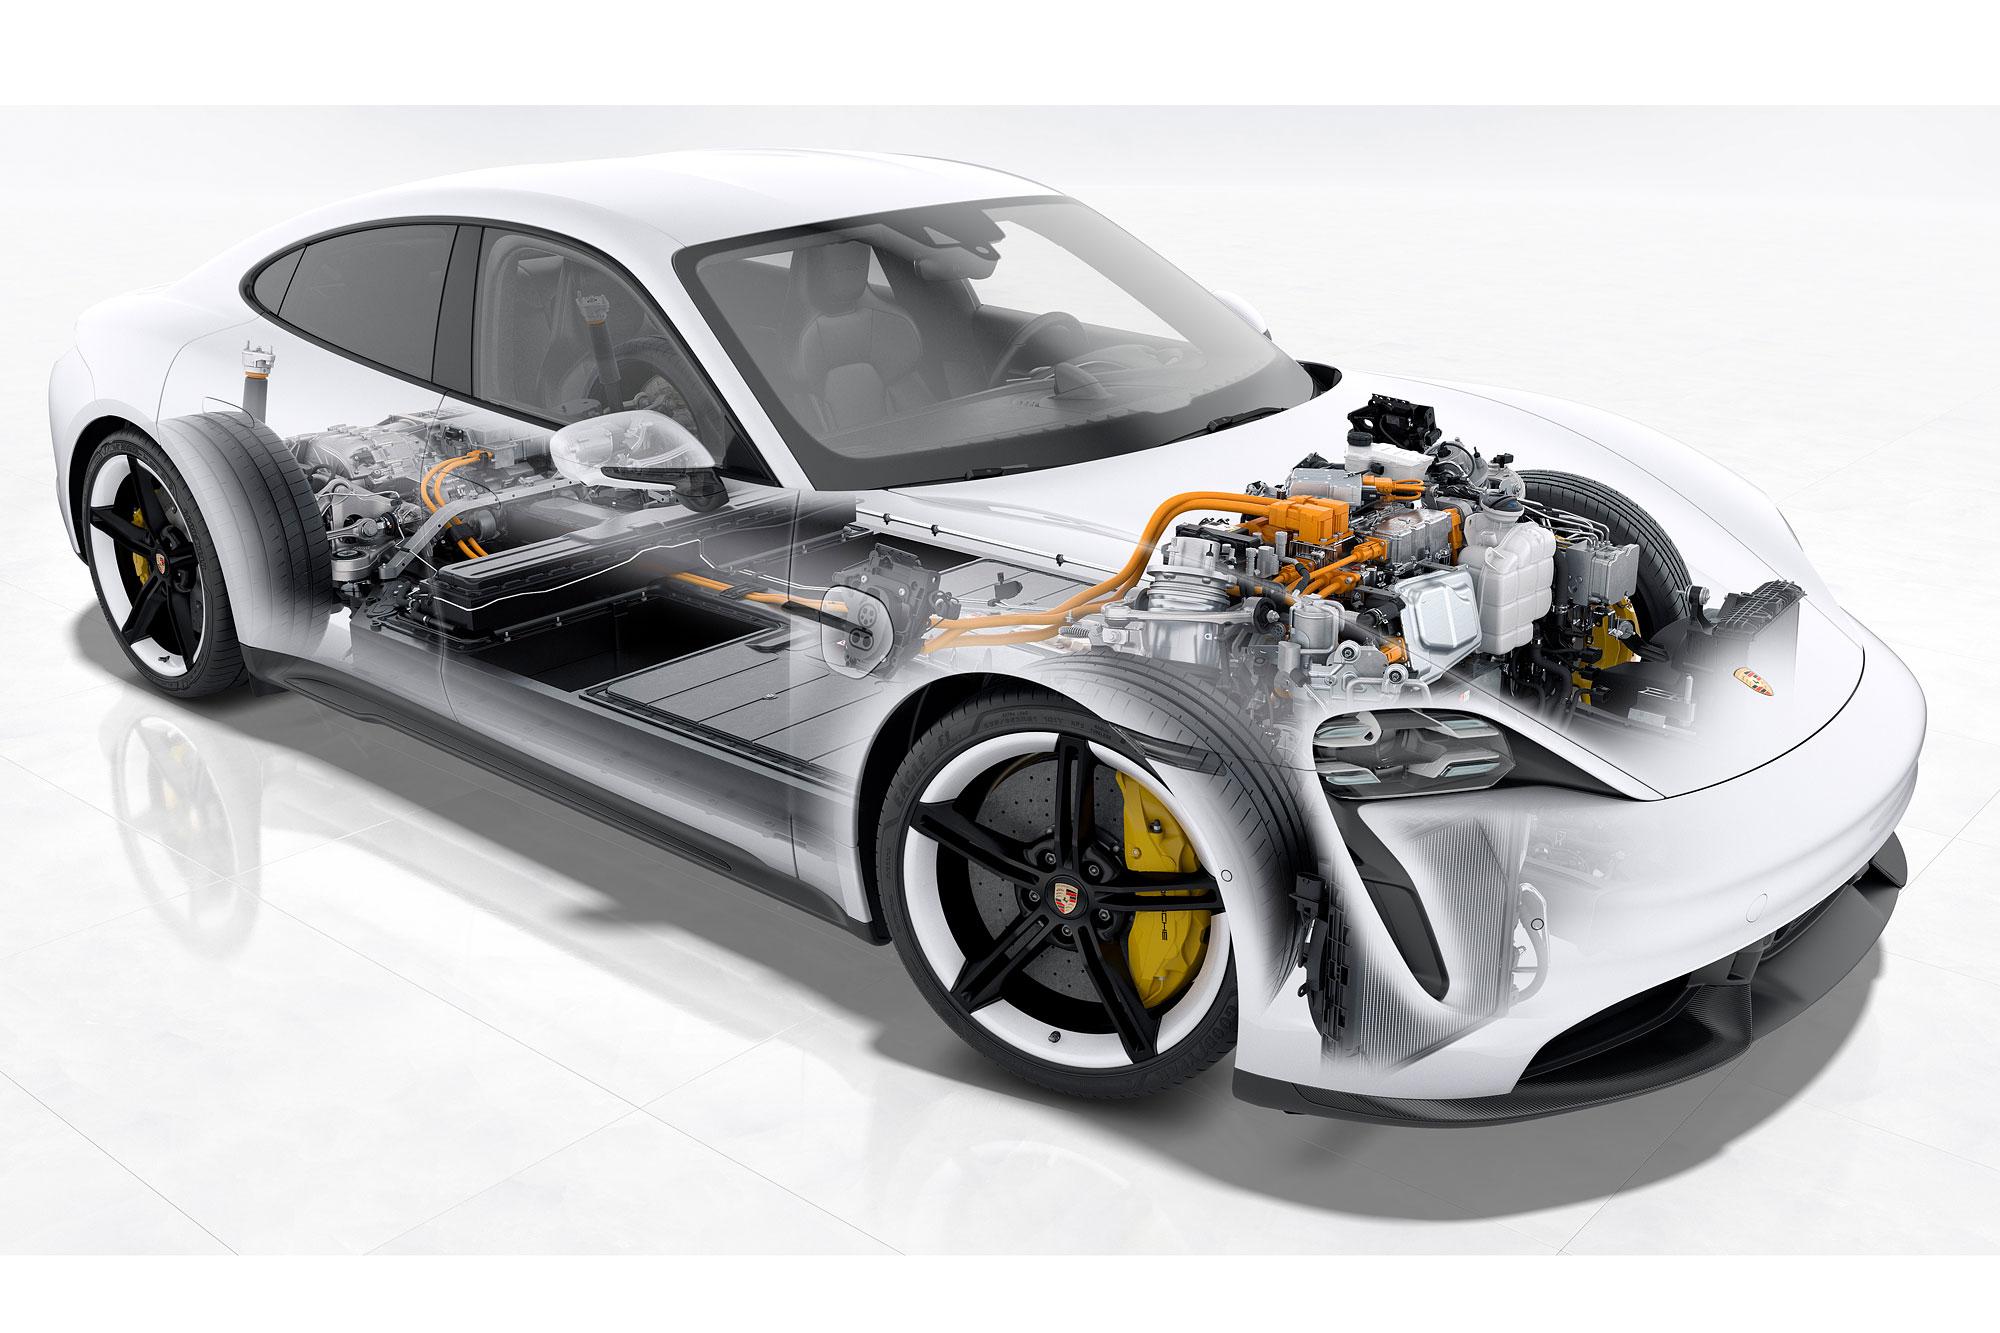 首度量產的 800V 電力系統,具備有質輕、性能佳的優勢,充電速度也可有效提升。